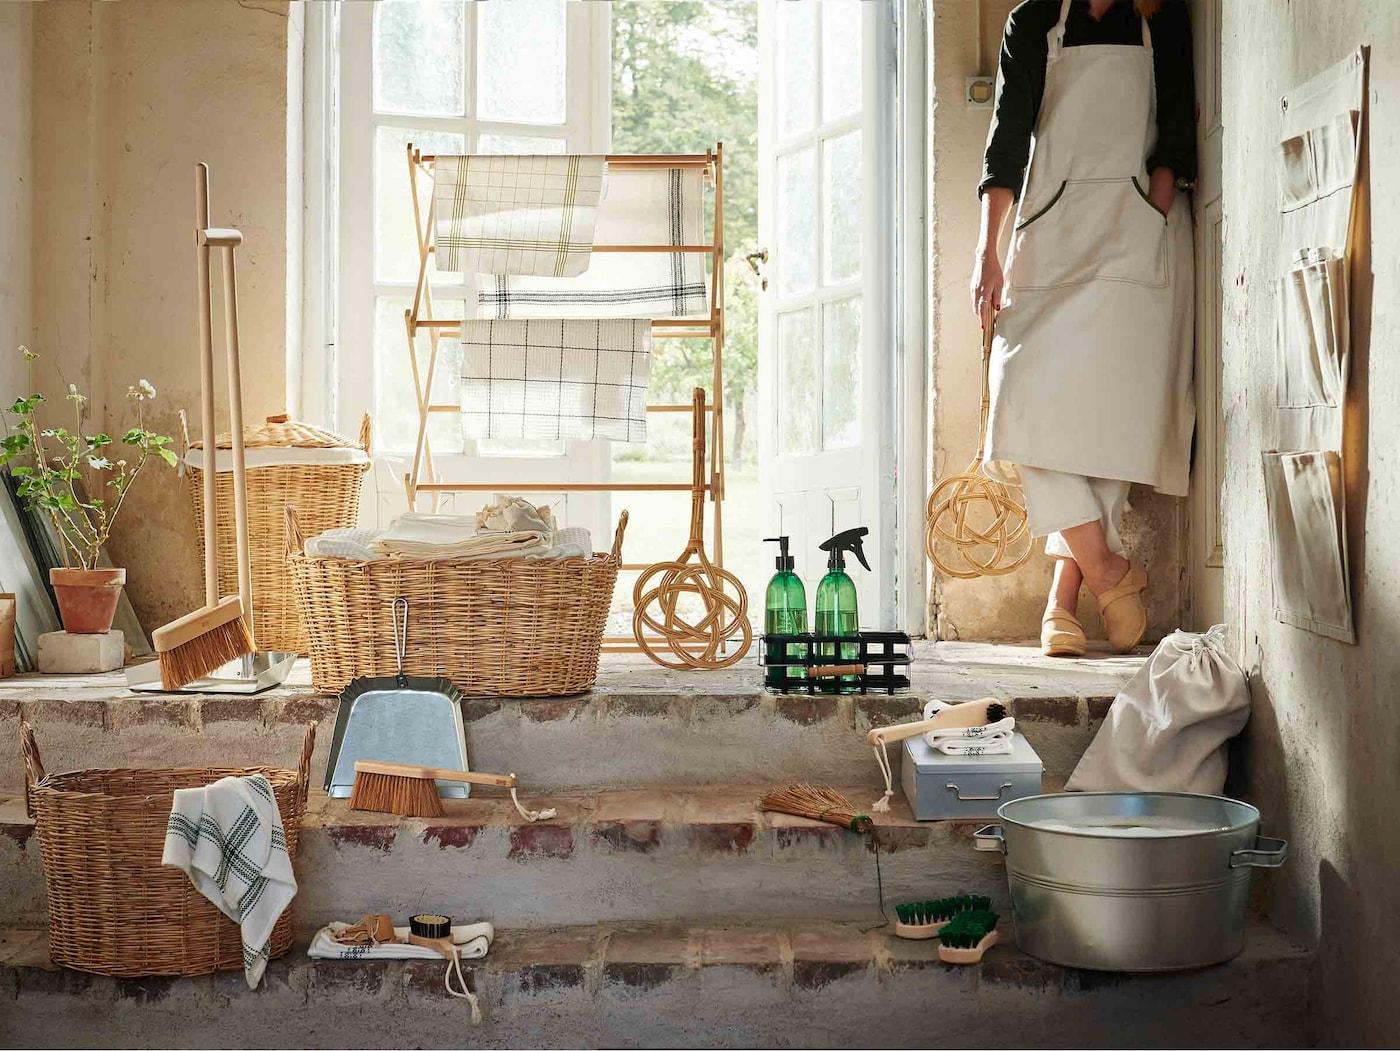 Kolekce výrobků BORSTAD vystavená přede dveřmi, vedle dveří stojí žena s plácačkou na koberce